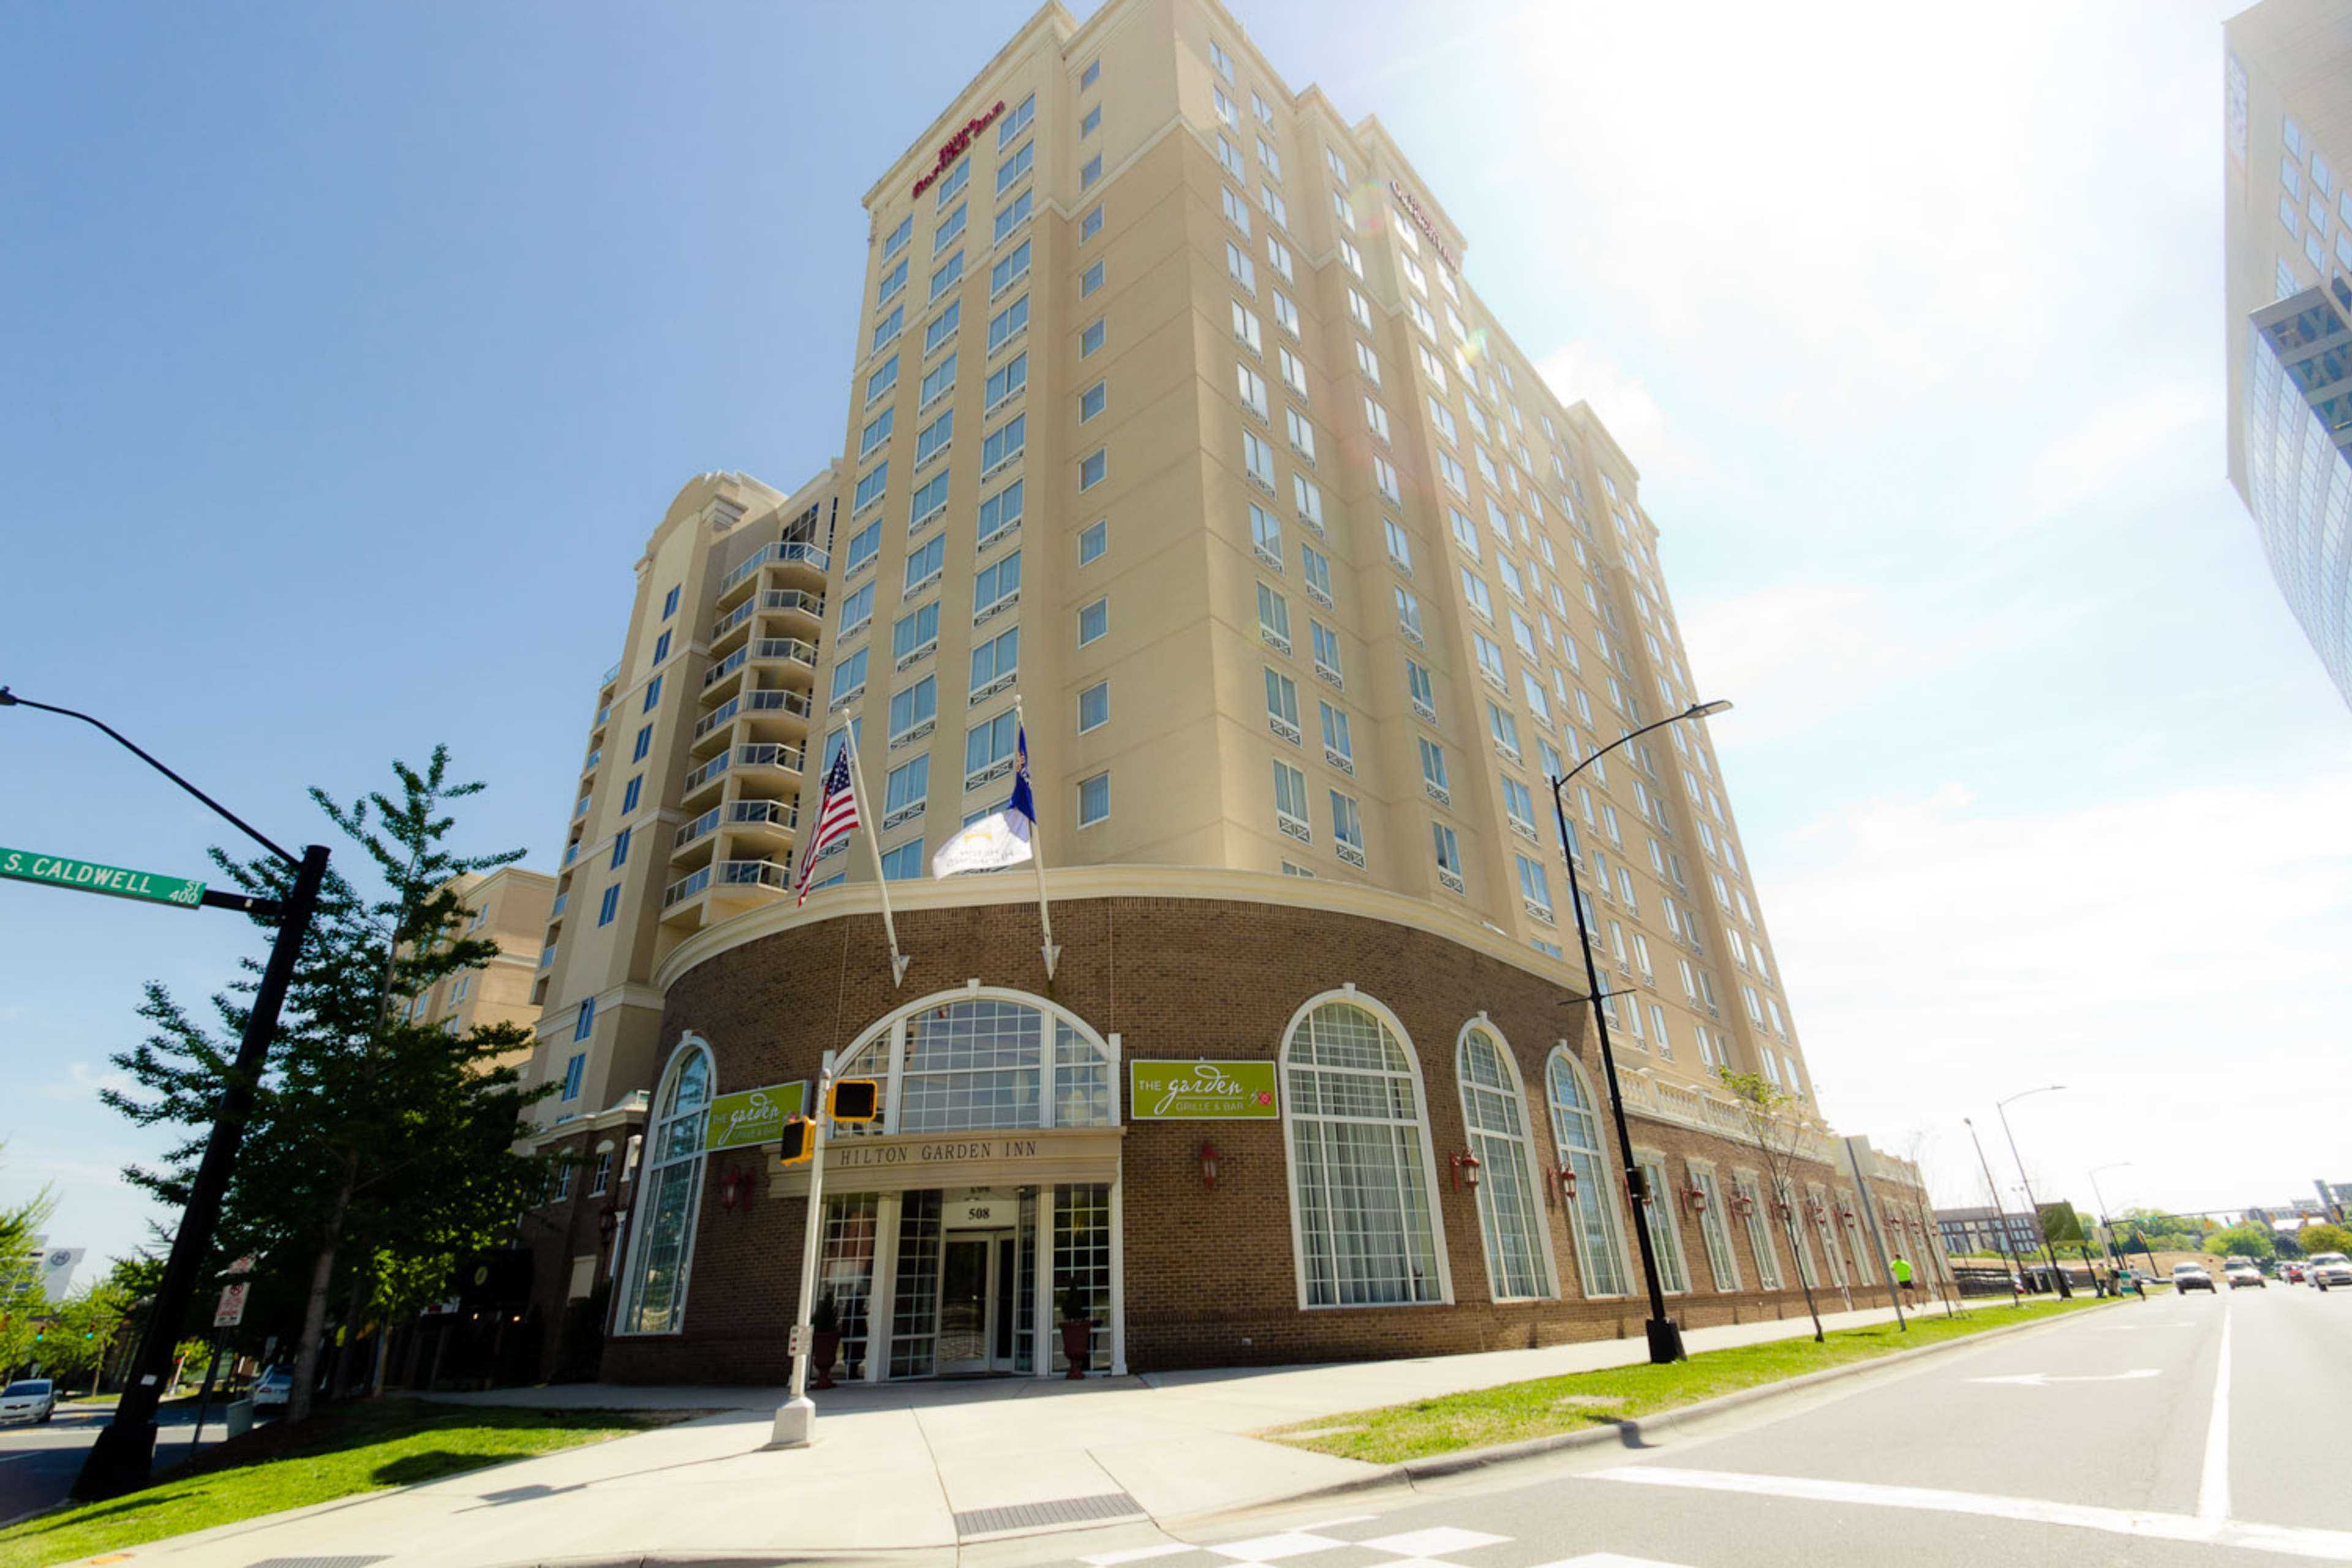 Hilton Garden Inn Charlotte Uptown image 1